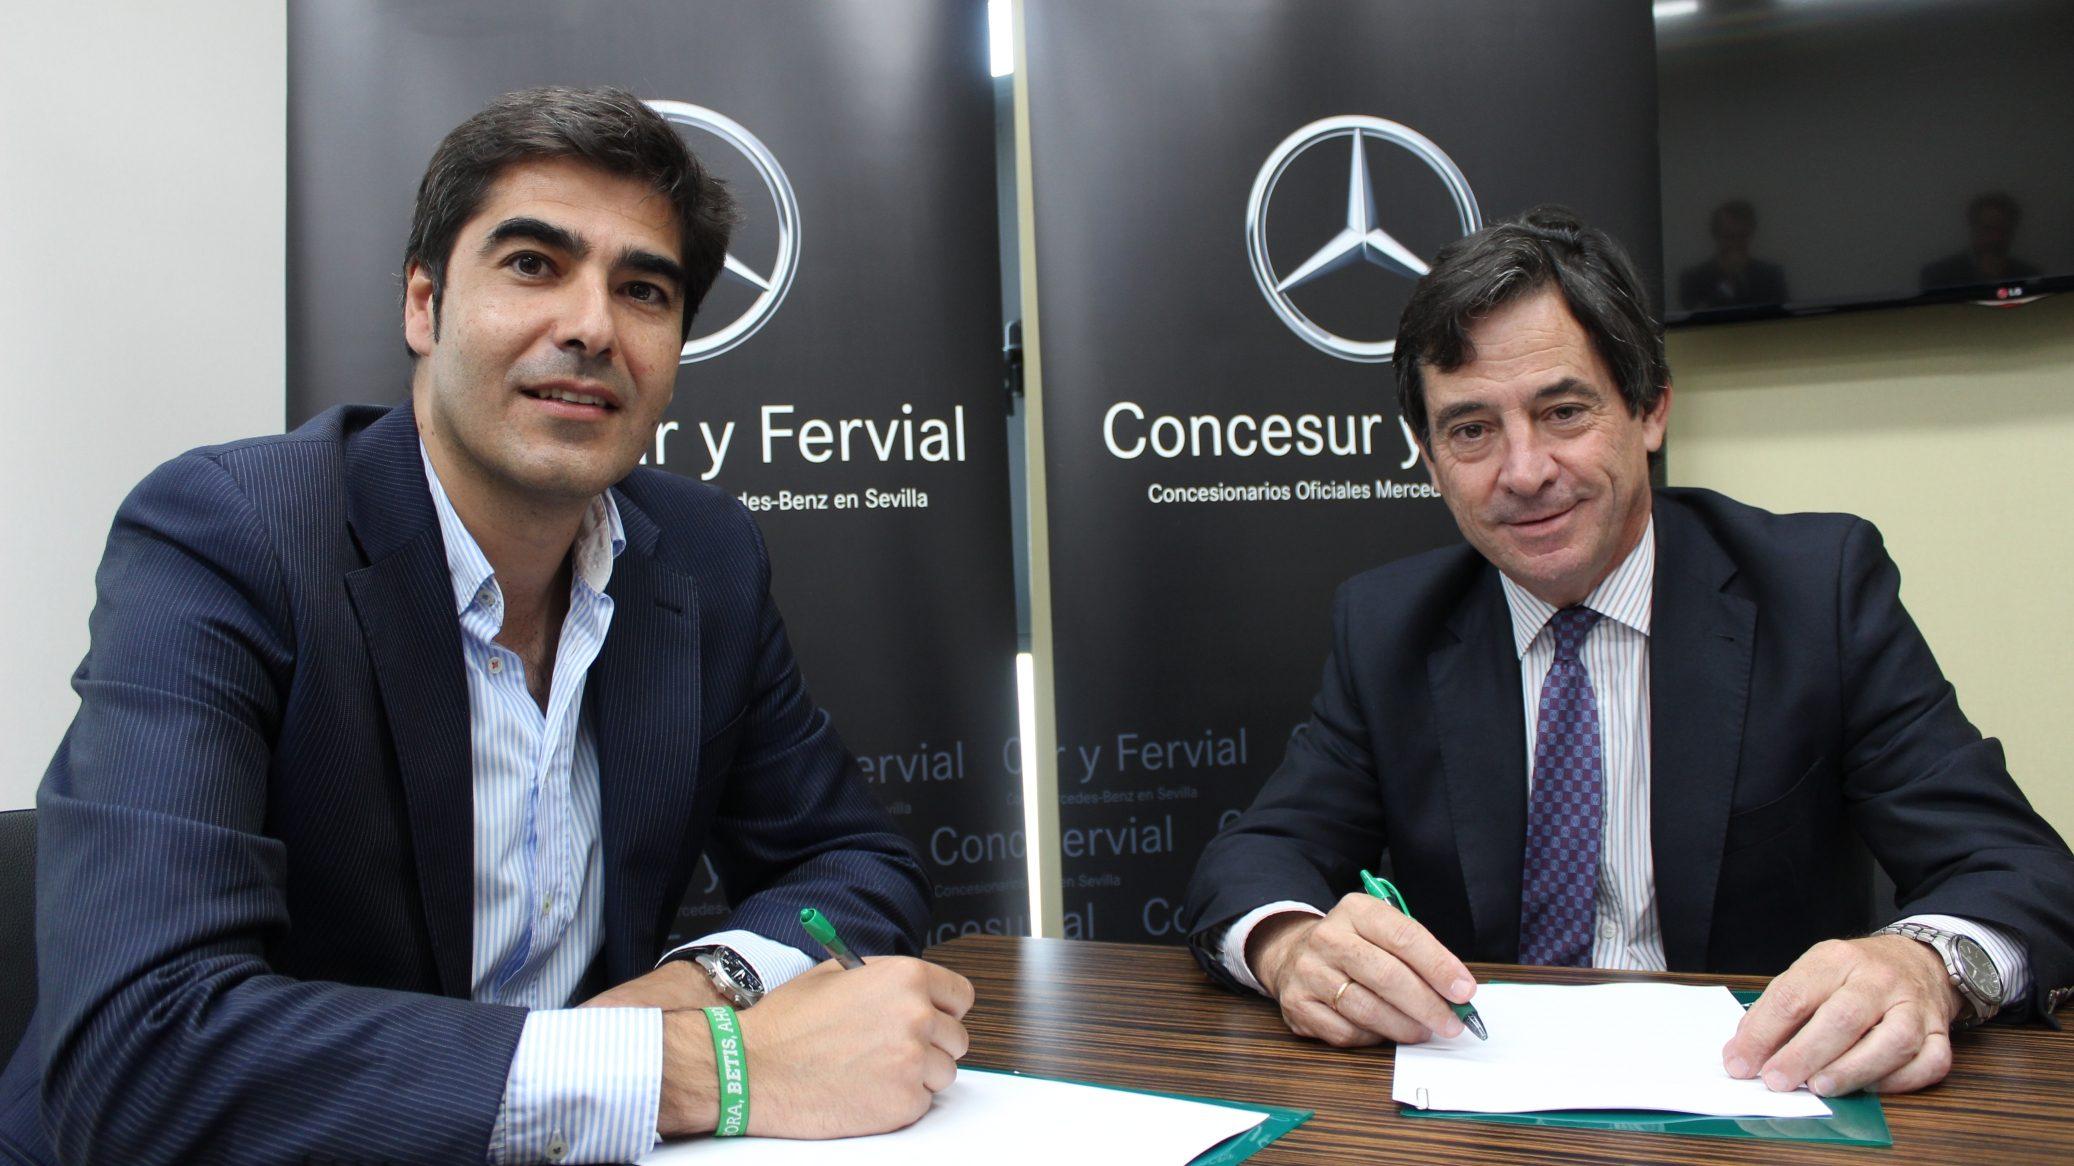 Grupo Concesur patrocinador oficial del Betis